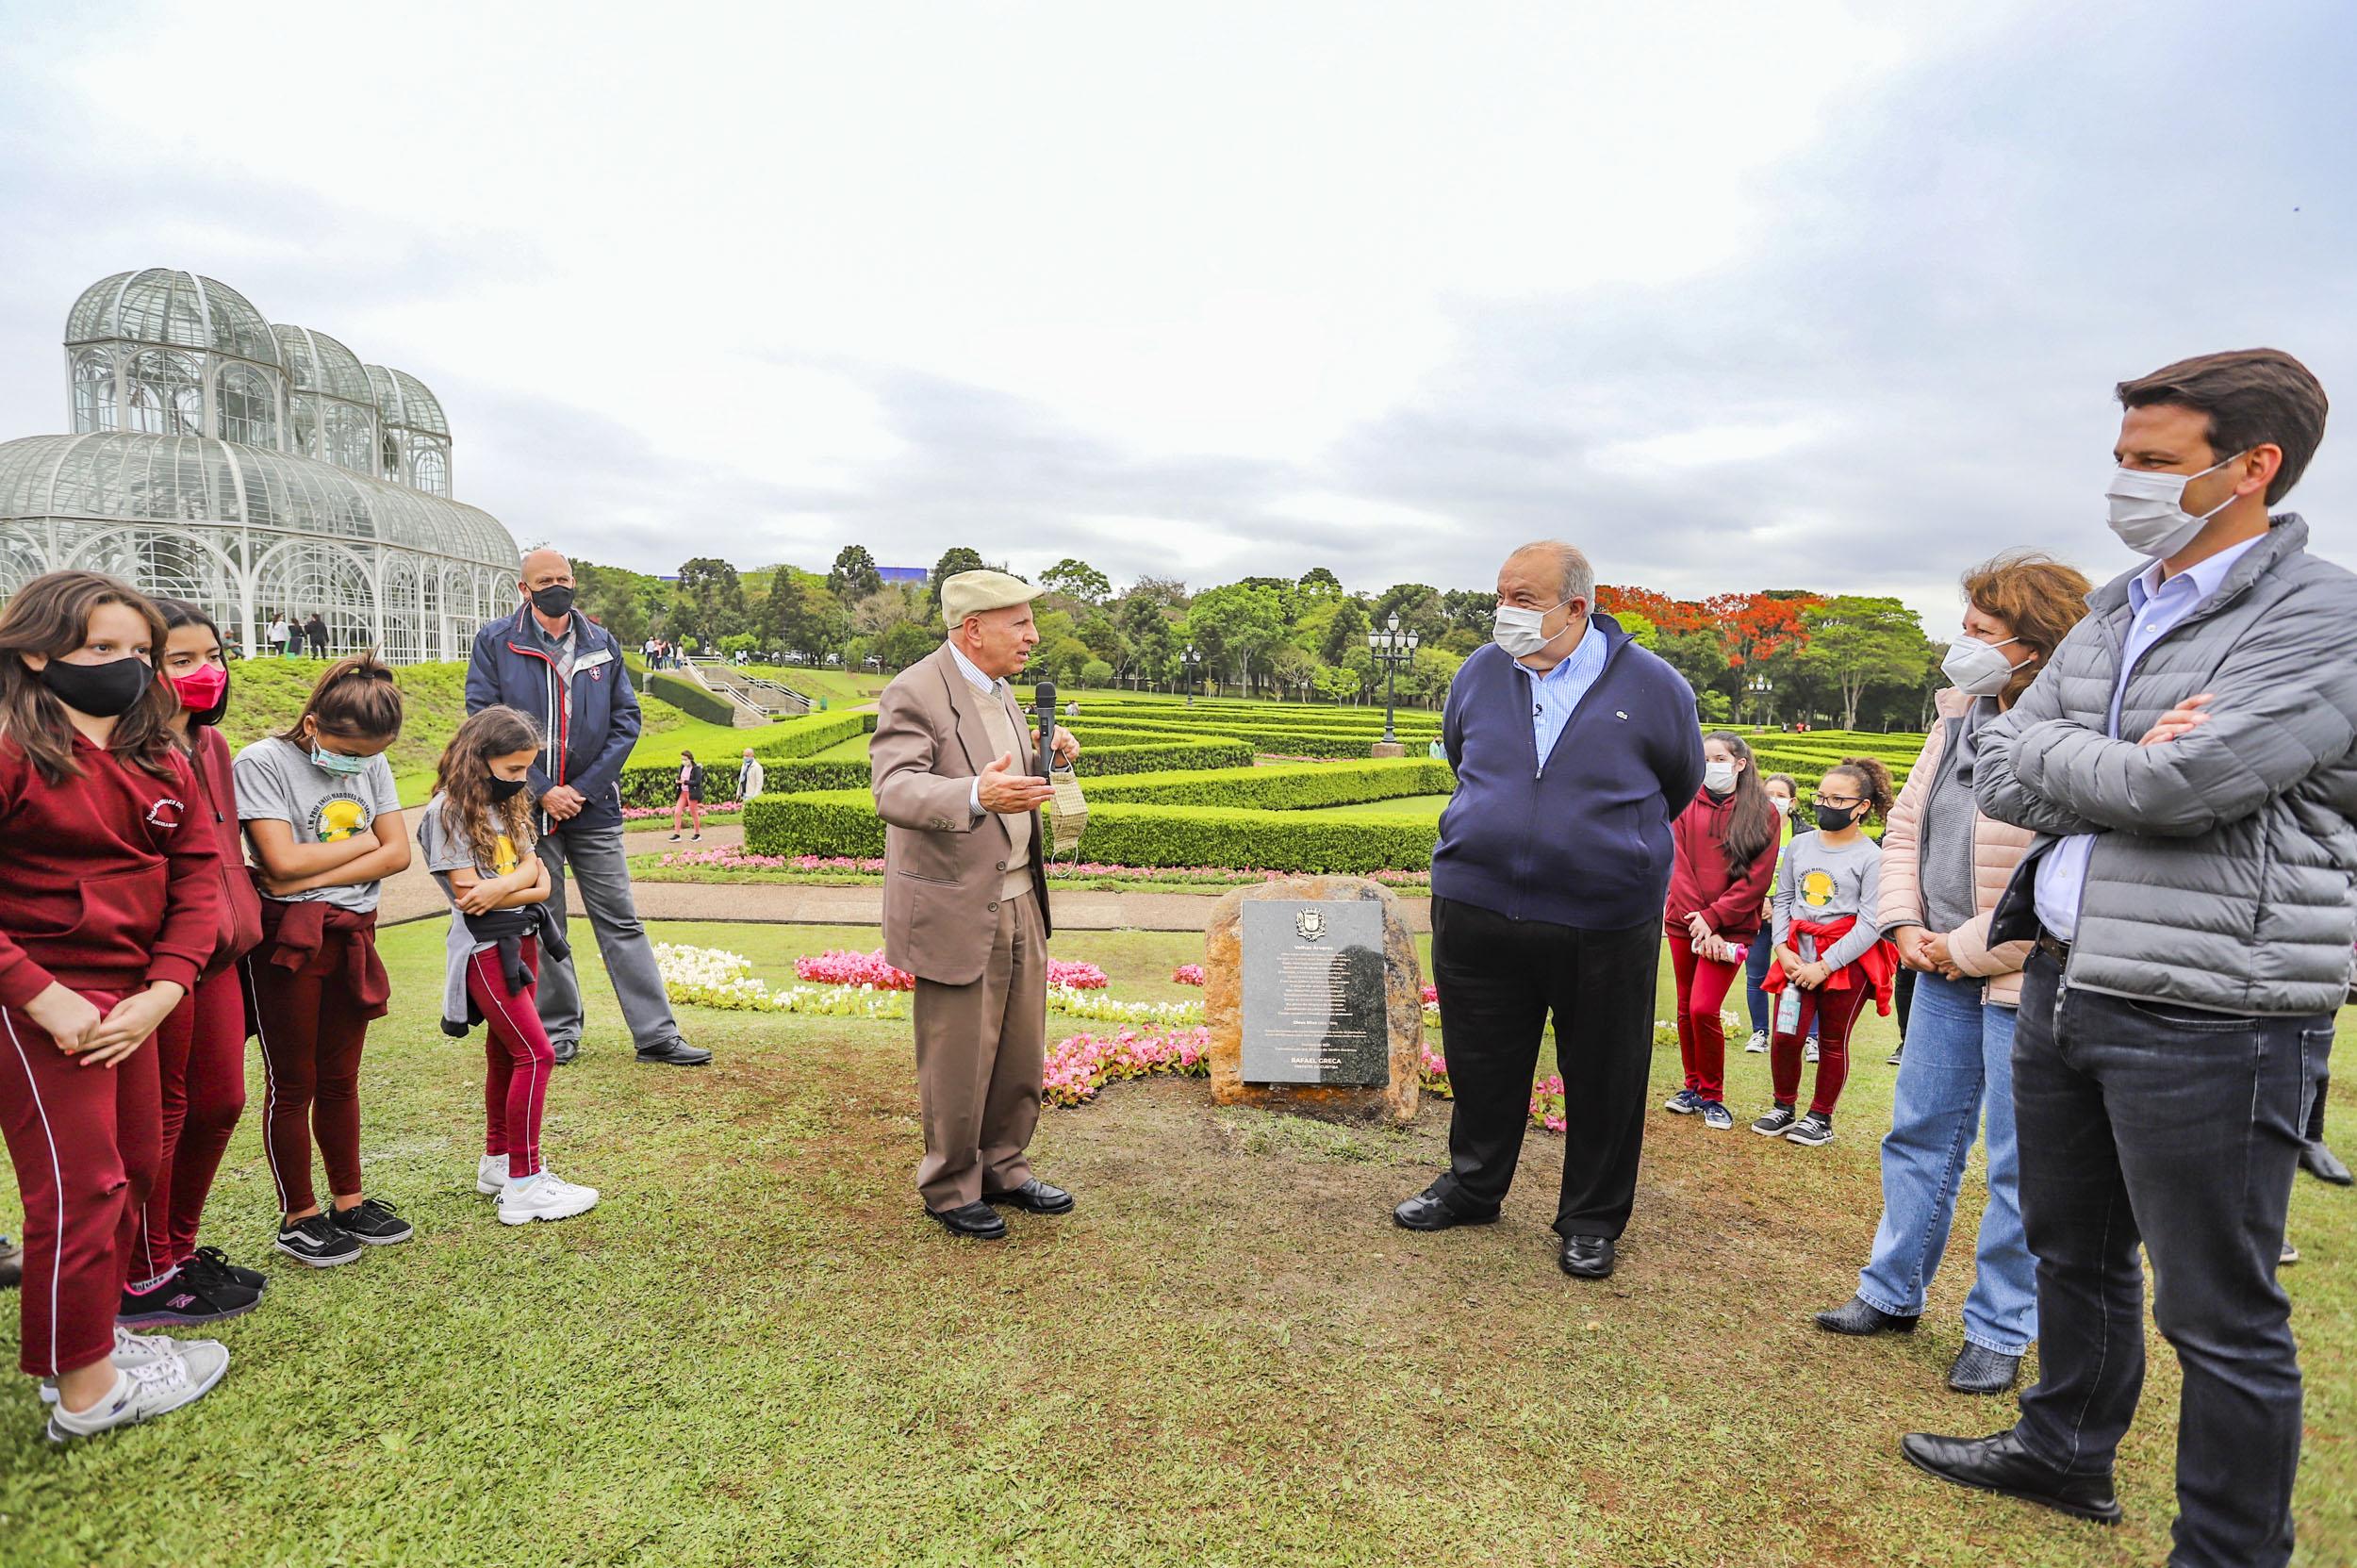 Novas araucárias e placa comemorativa marcam aniversário do Jardim Botânico